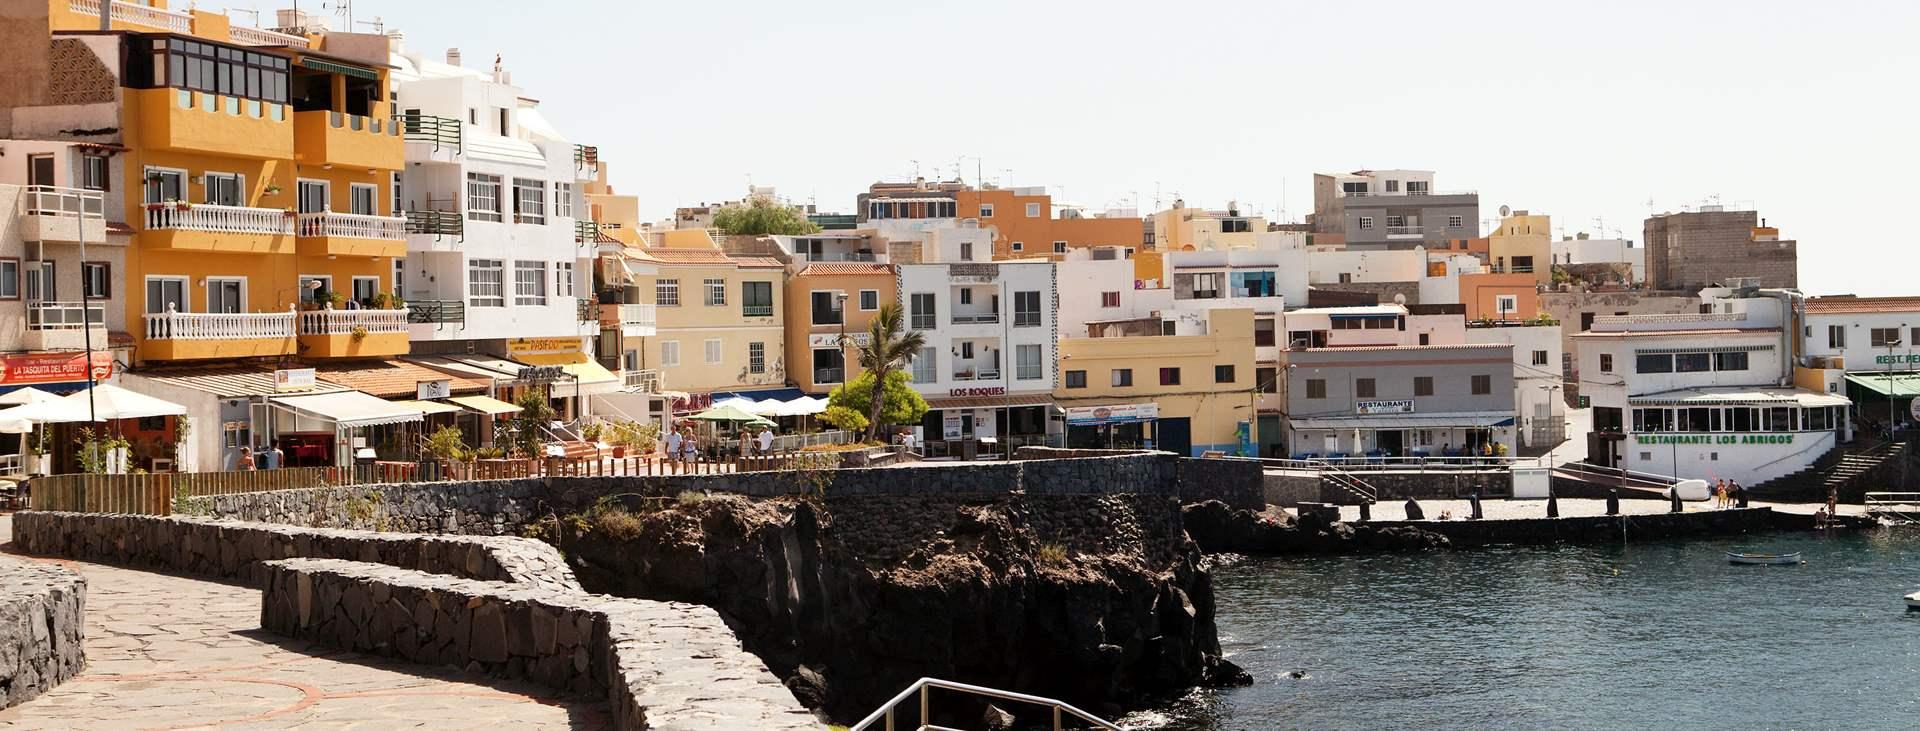 Boka din resa till San Miguel de Abona på Teneriffa med Ving